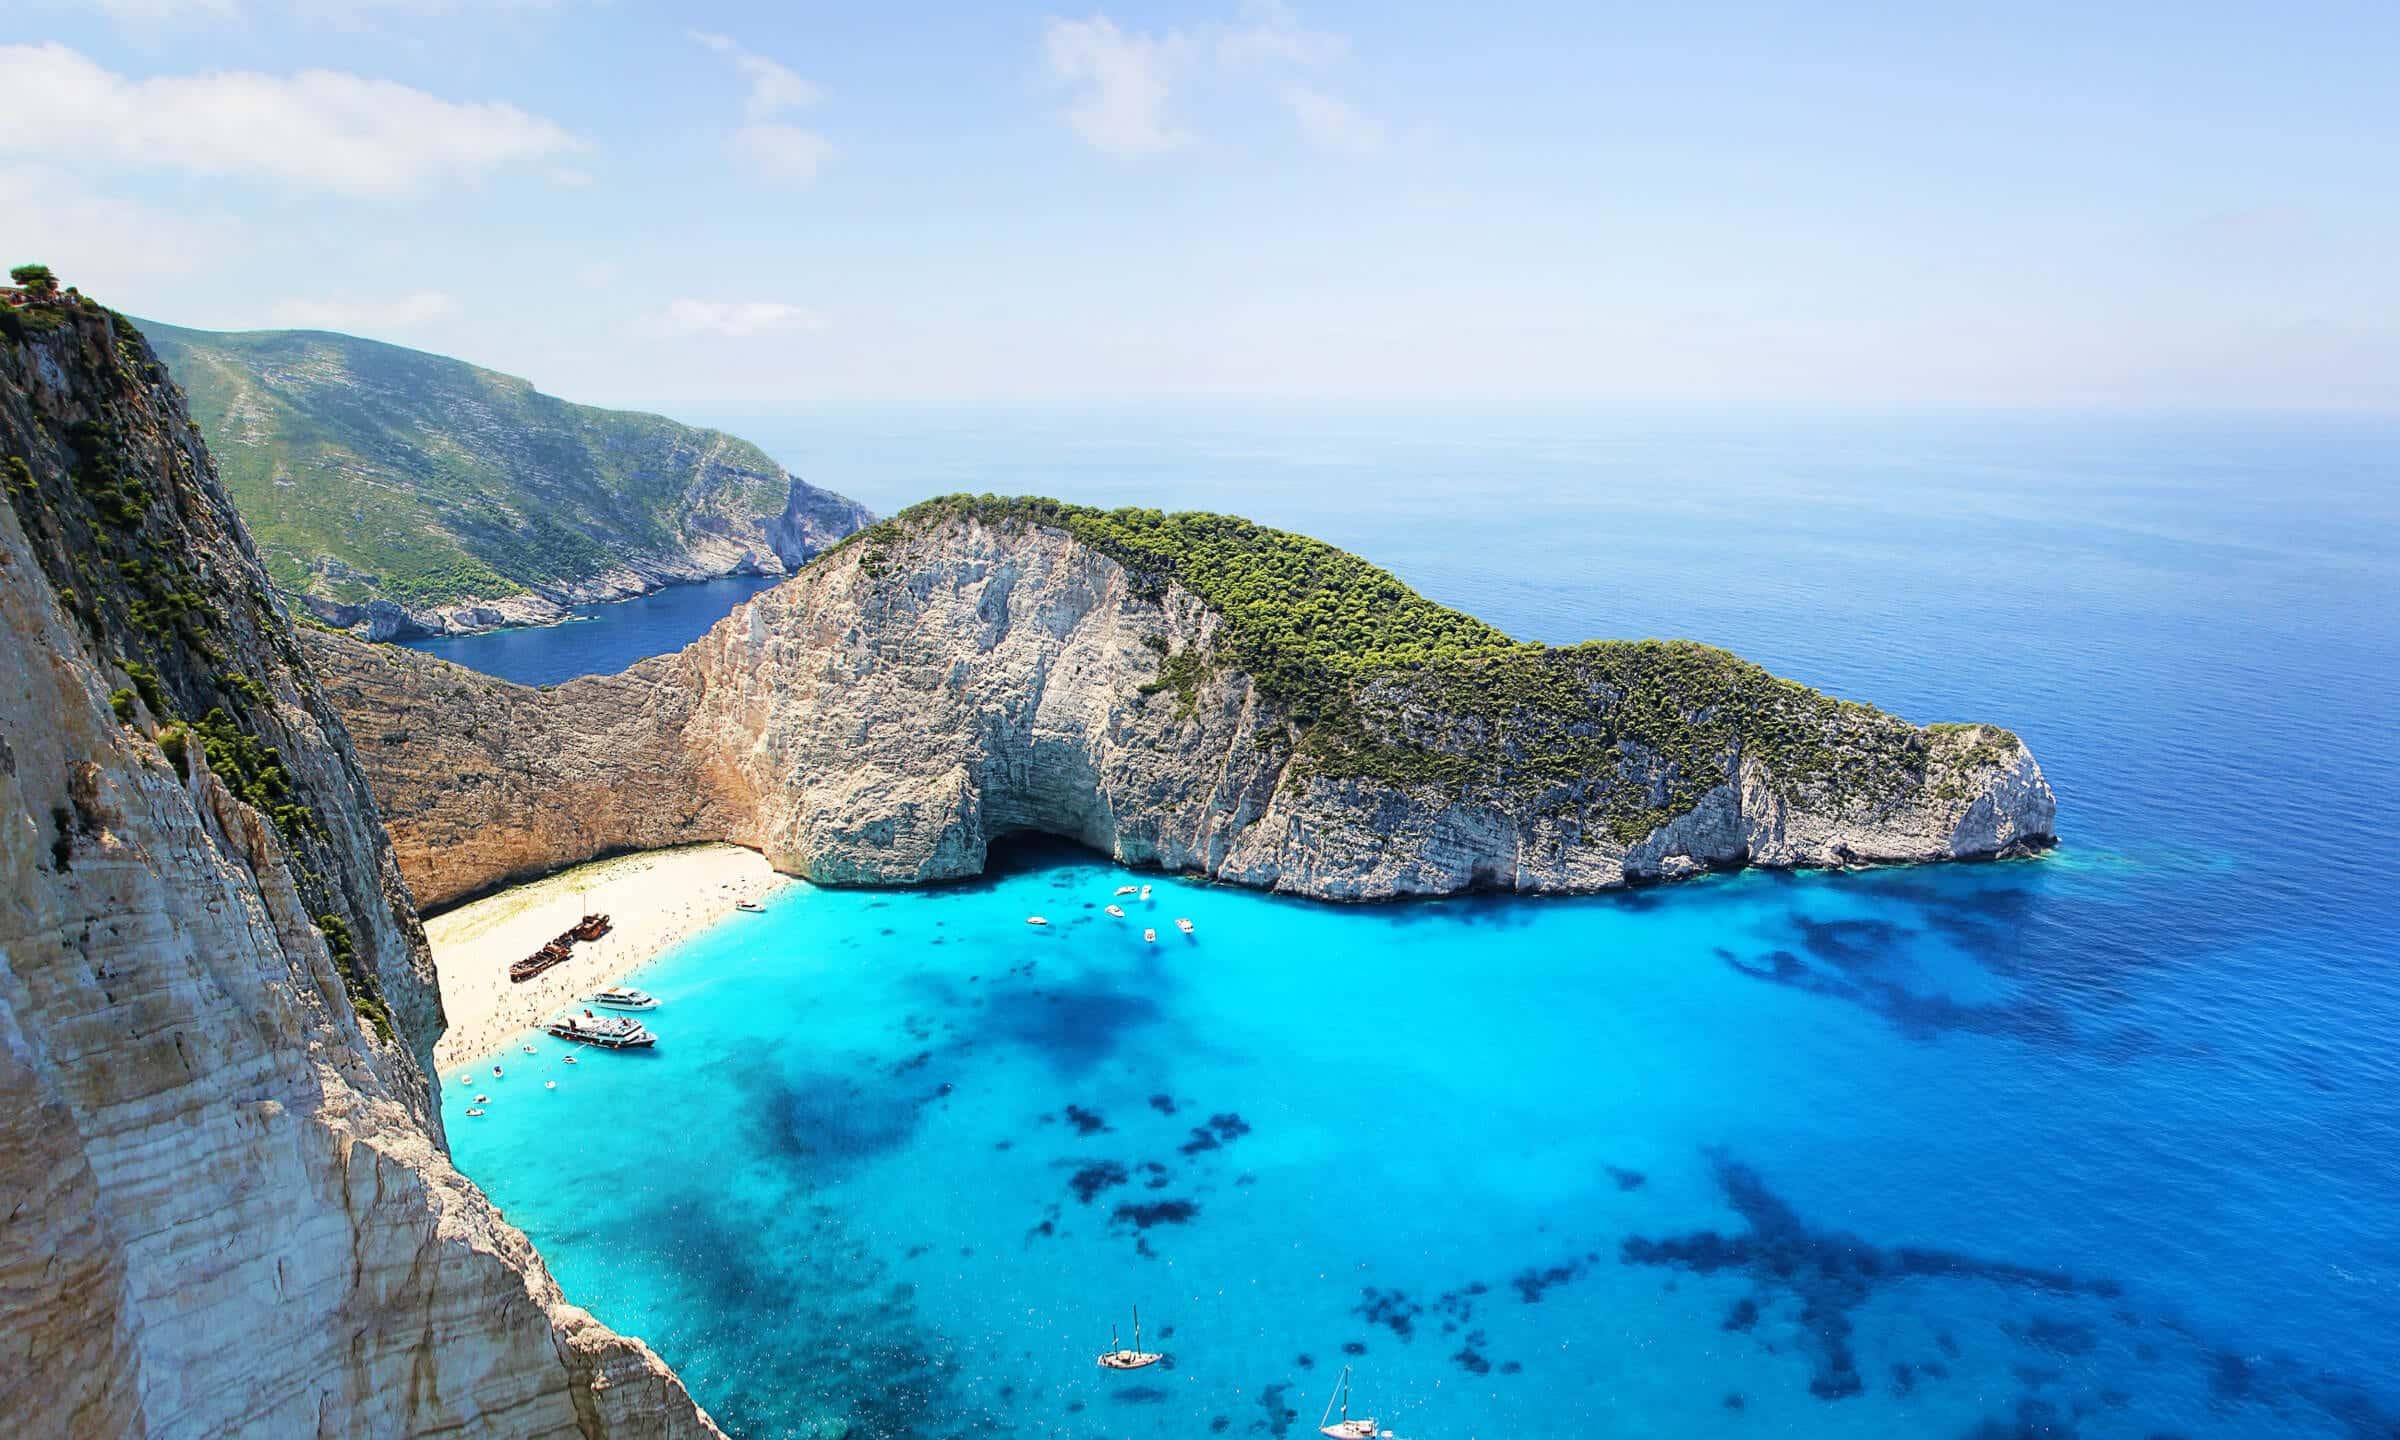 Griechenland Sehenswürdigkeiten wichtige historische griechische Stadt